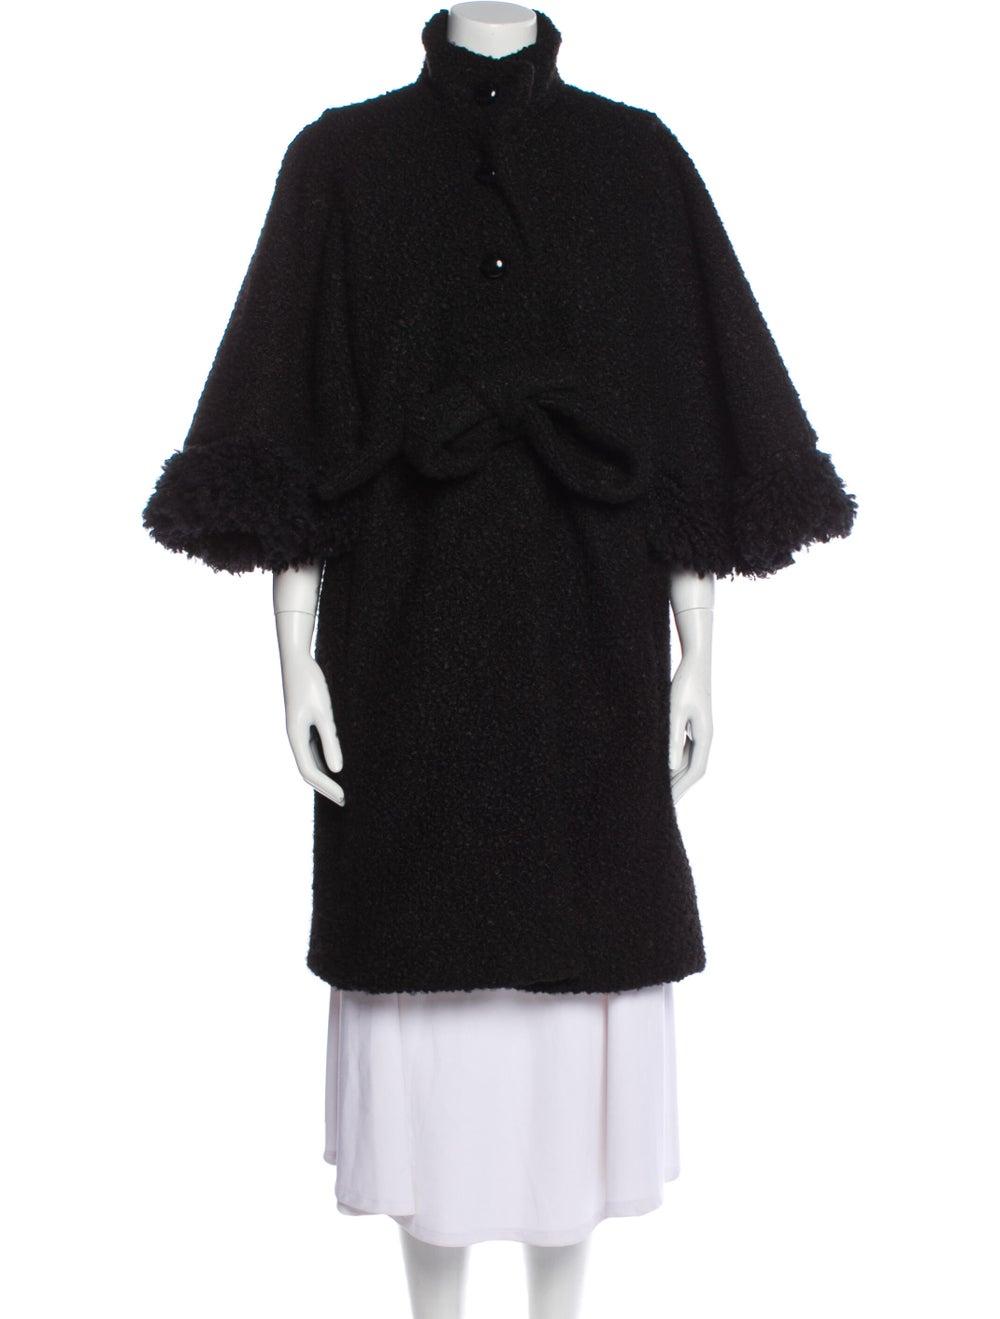 Anna Sui Coat Black - image 1